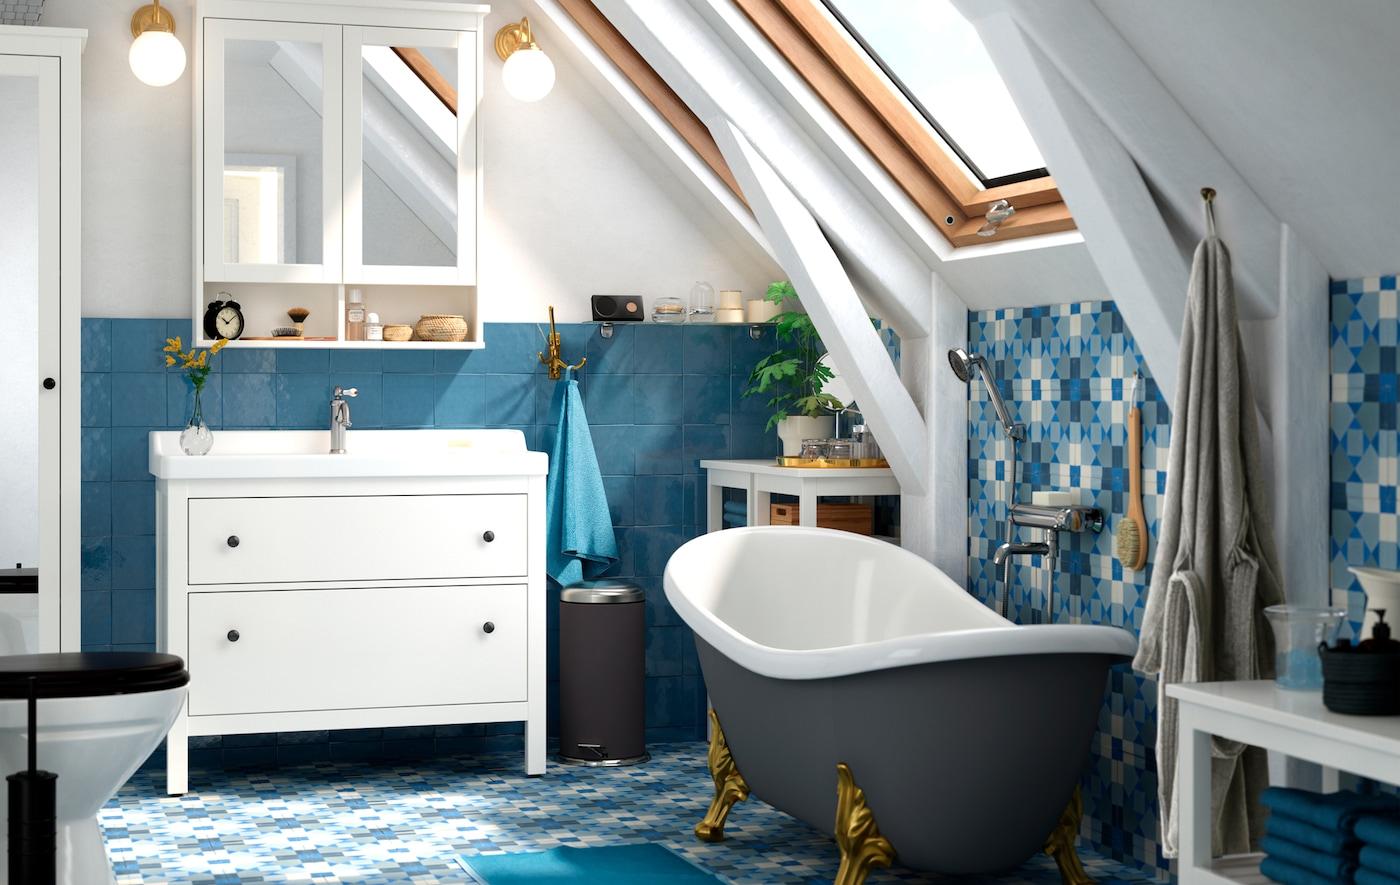 Wellness-Badezimmer mit blauen Fliesen und einer freistehenden Badewanne